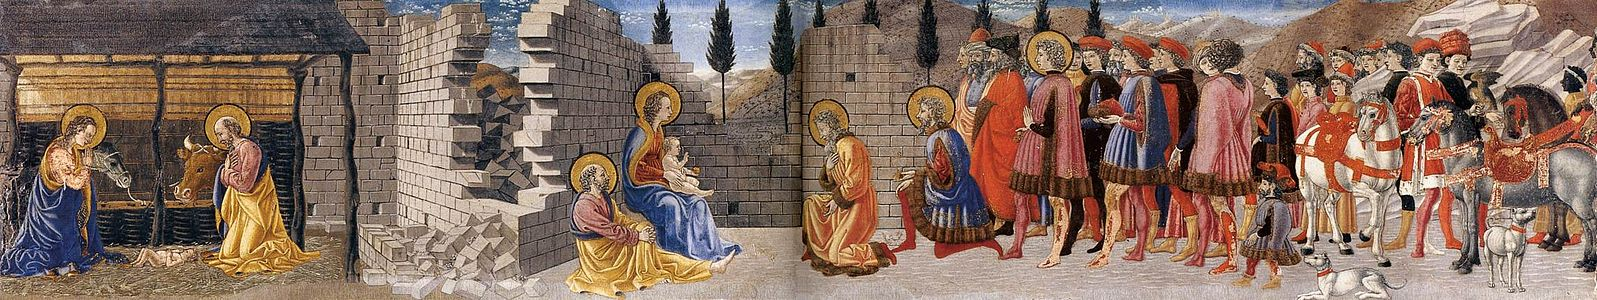 Nativité adoration mages crèche naissance Jésus Giovanni di Francesco